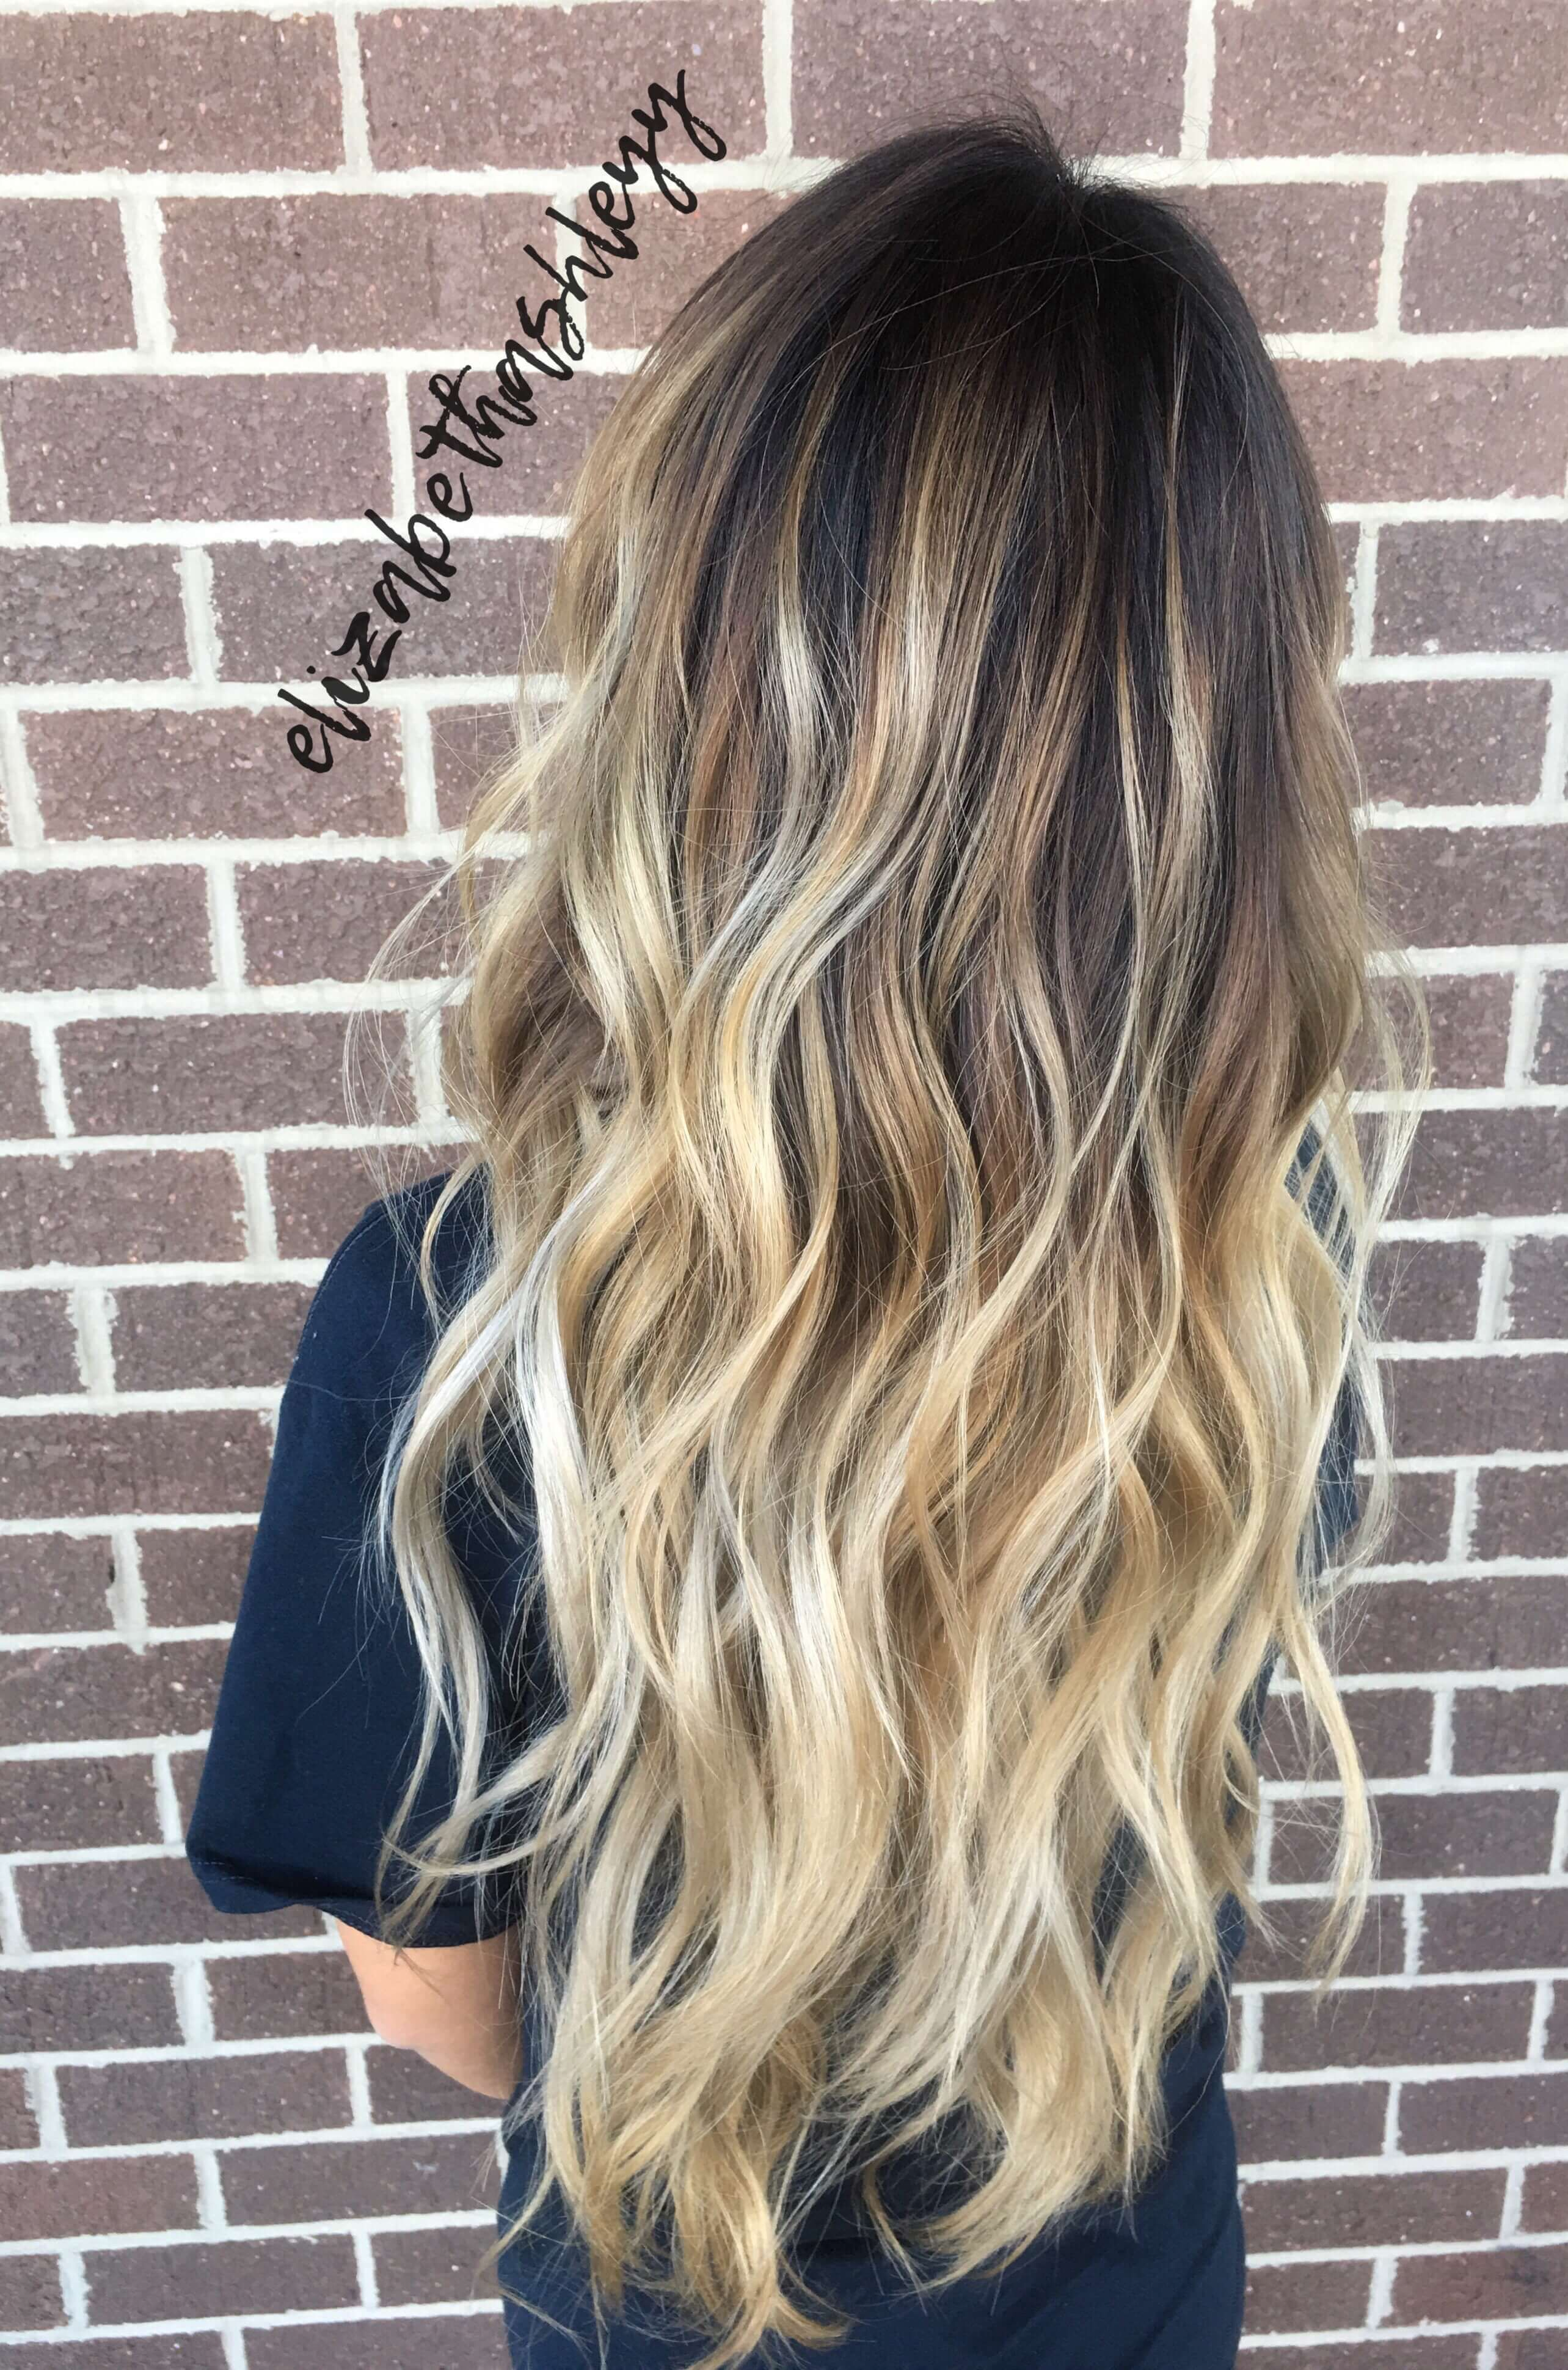 29 Gourgeous Balayage Hairstyles | FASHION - Beauty | Pinterest ...